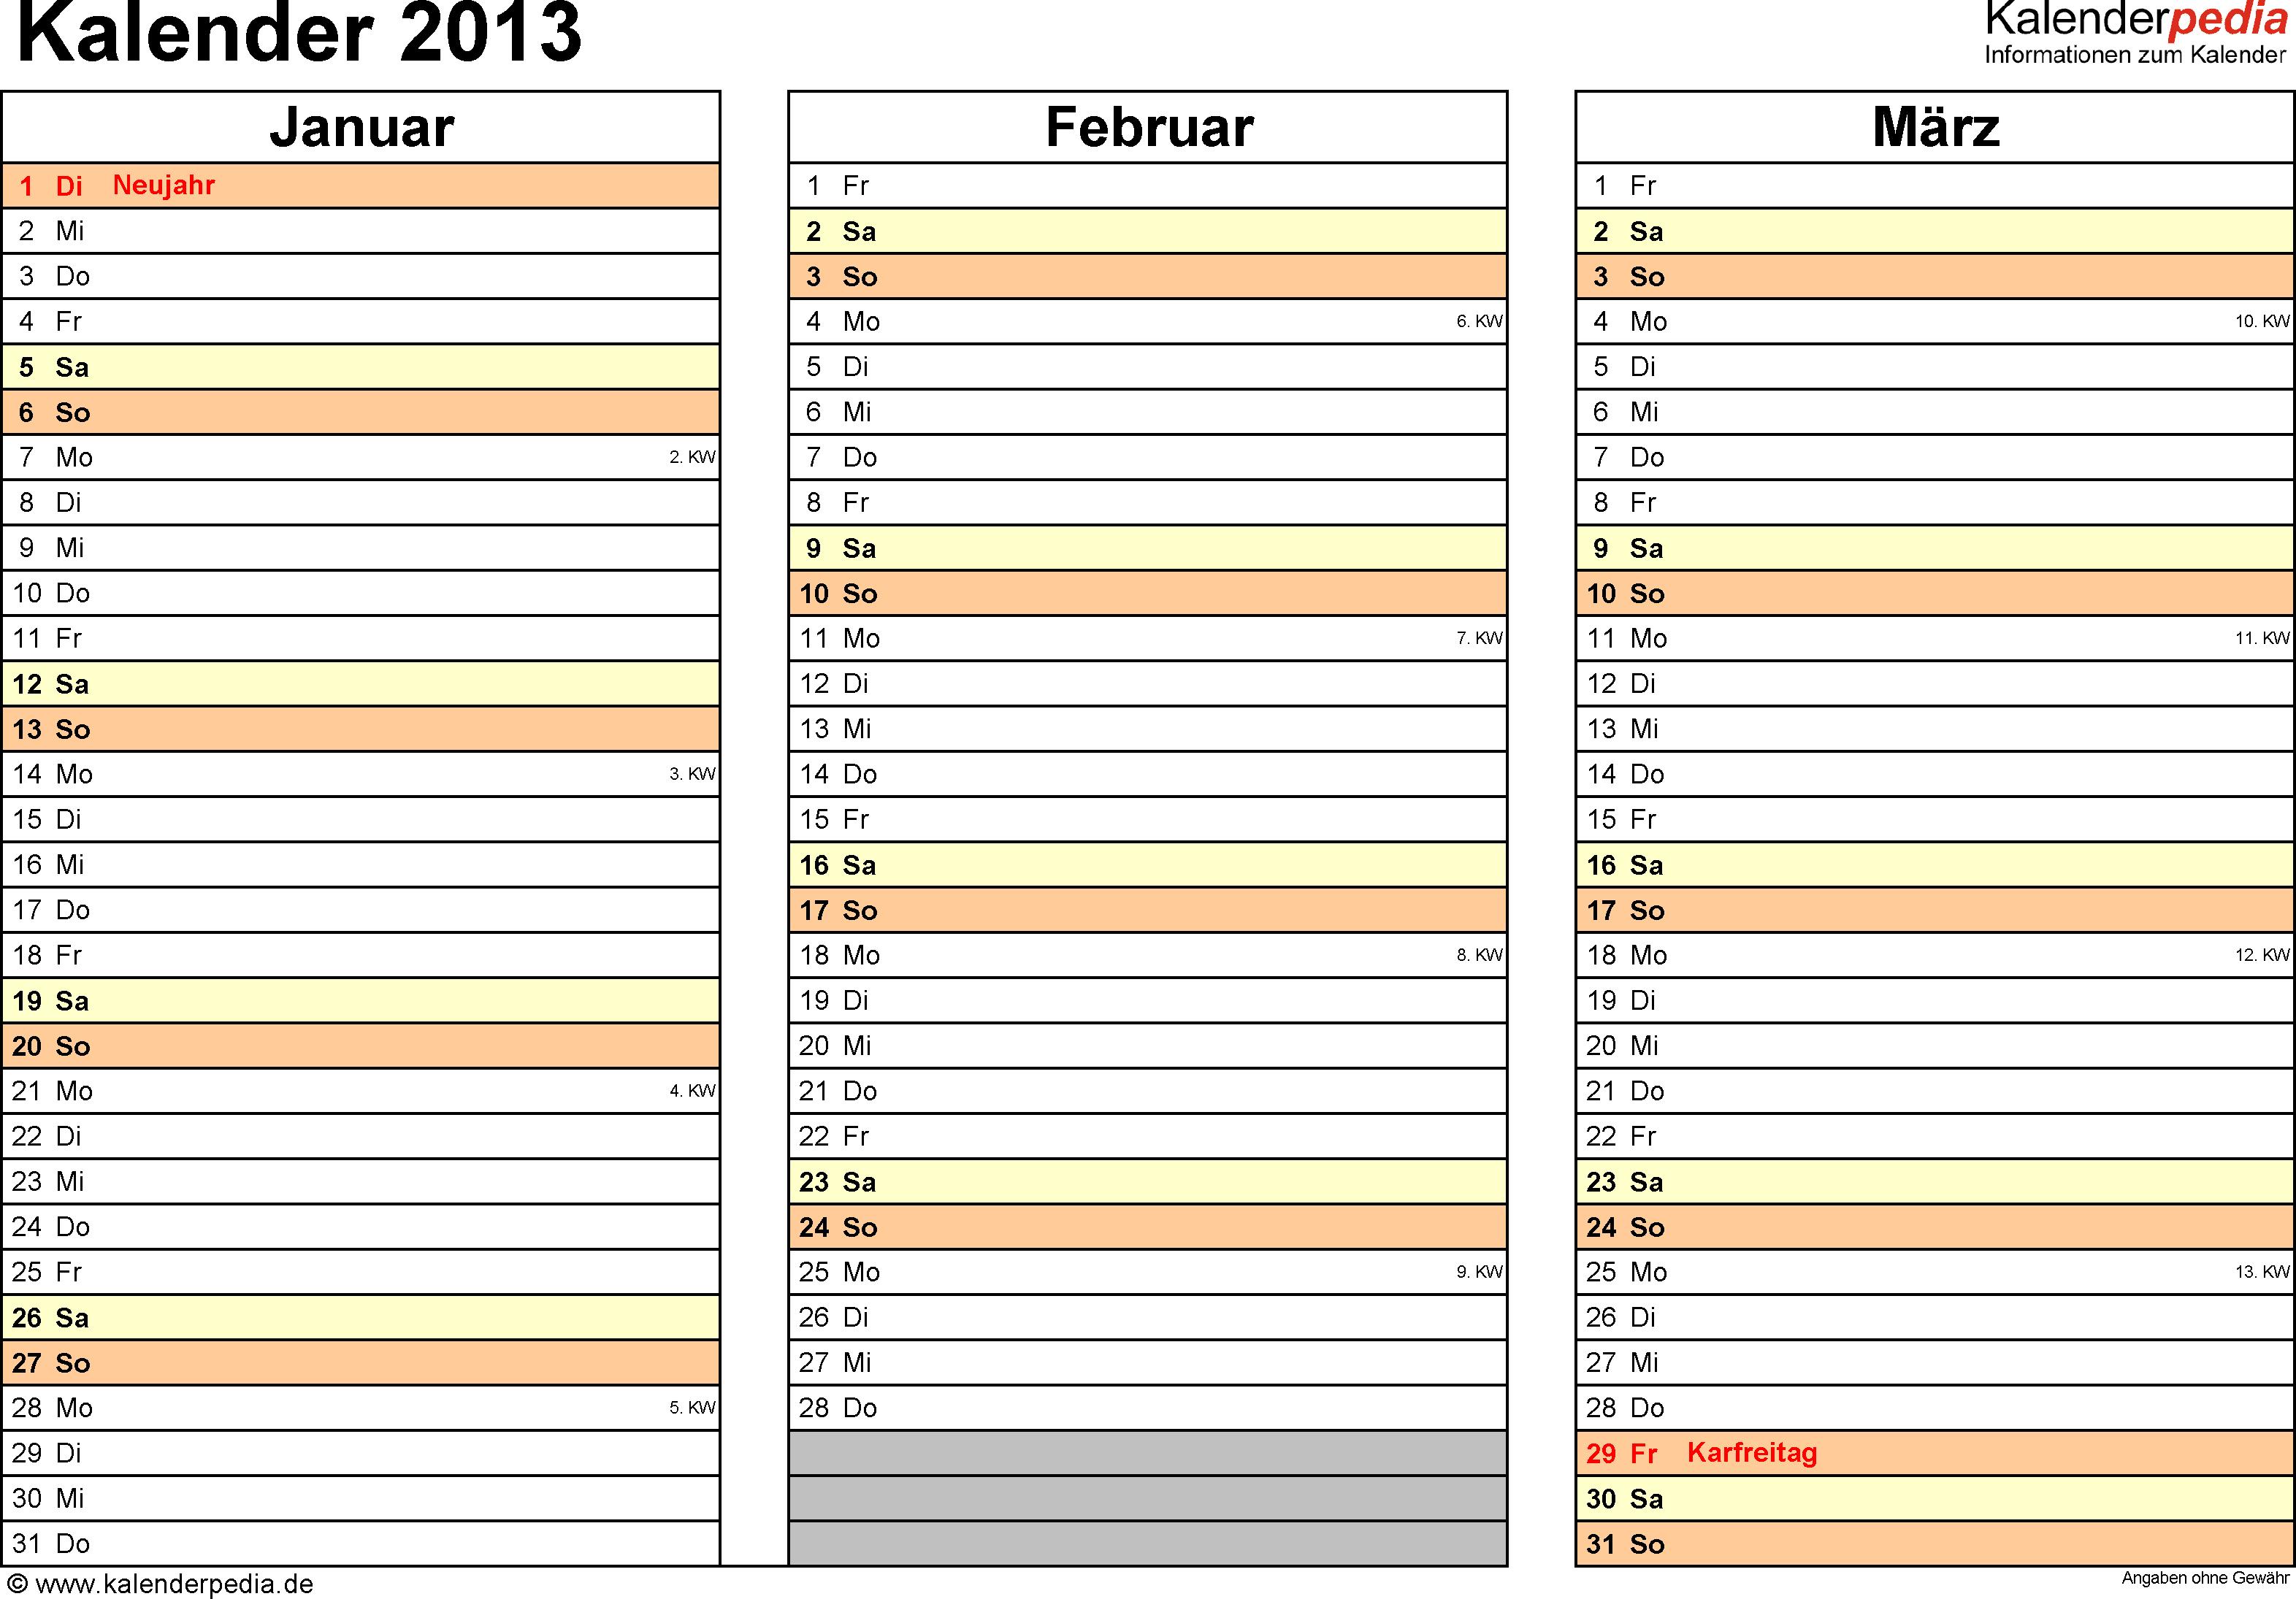 Vorlage 6: Jahreskalender 2013 als PDF-Vorlage, Querformat, DIN A4, 4 Seiten, Quartal auf einer Seite, mit Feiertagen (ganz Deutschland) und Kalenderwochen